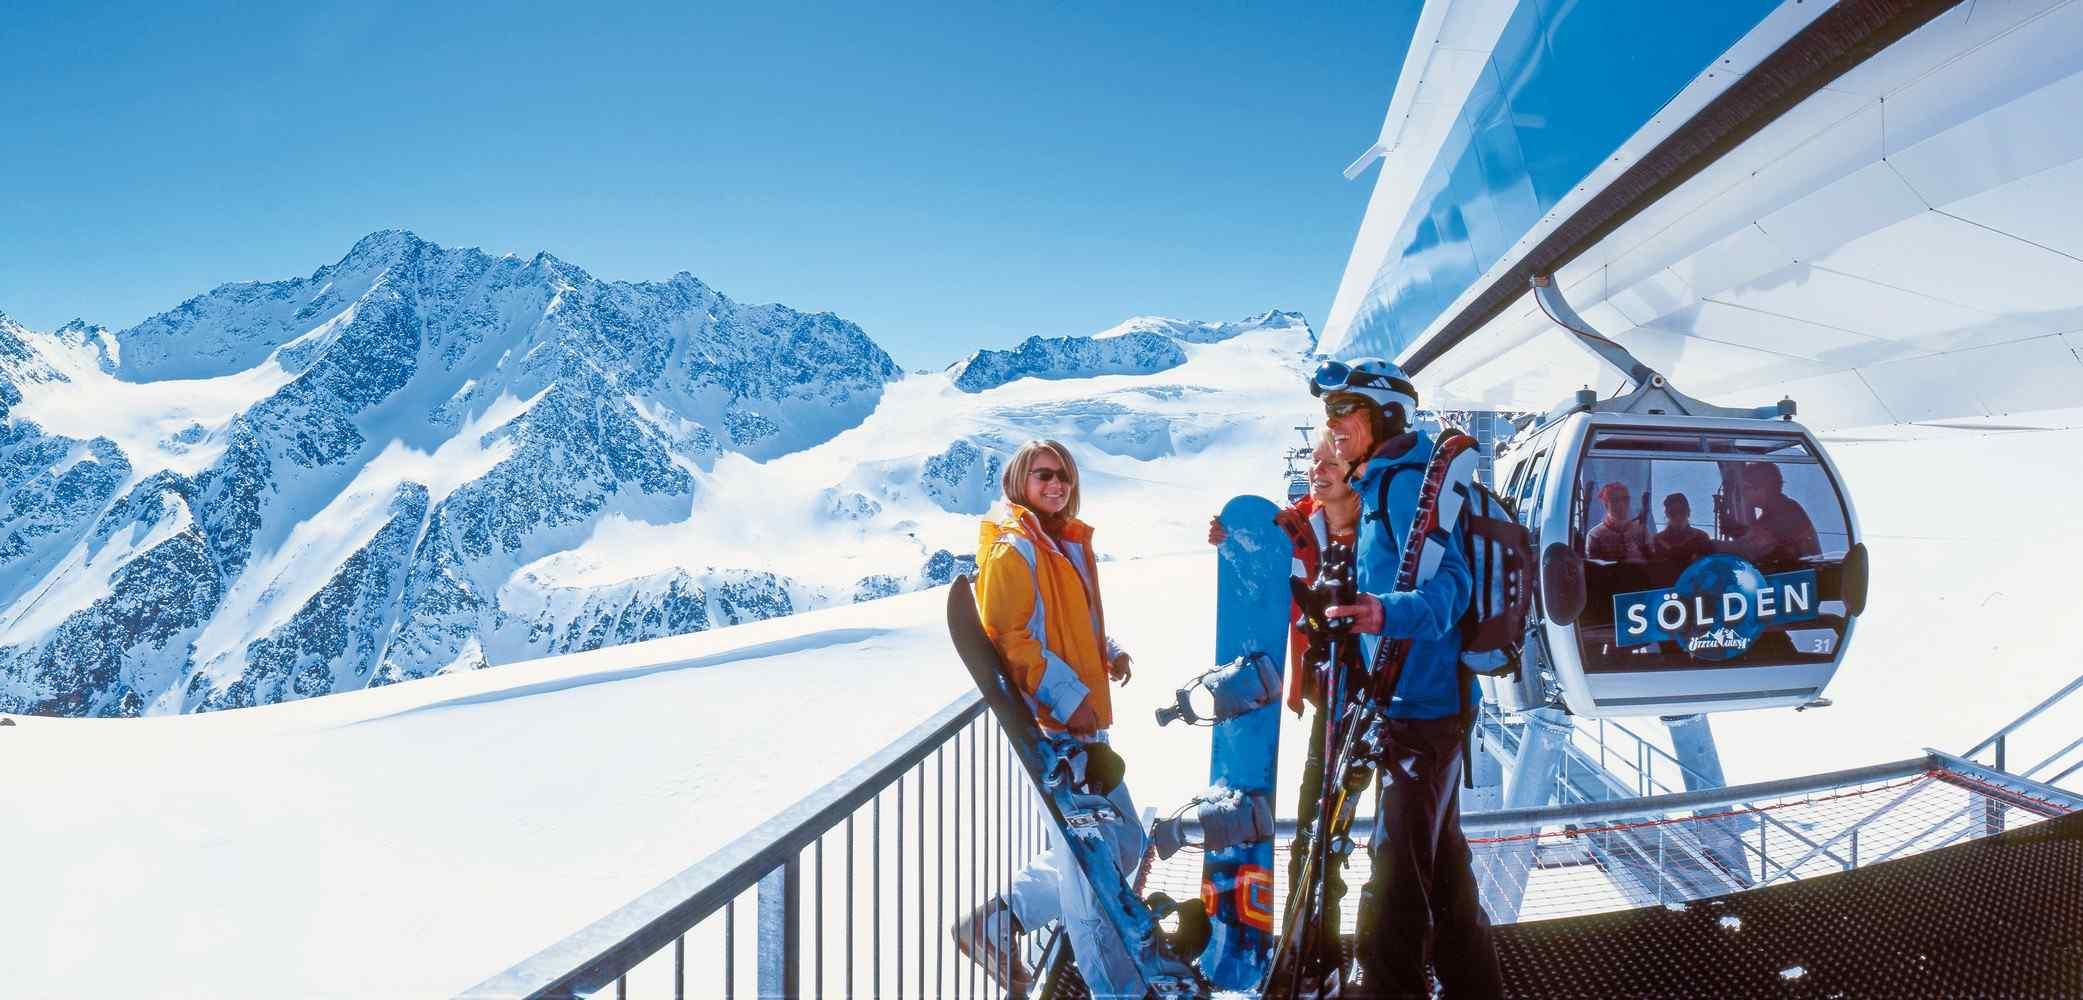 https://www.hotelcasamia.com.mx/wp-content/uploads/2016/02/winter-activities_03.jpg